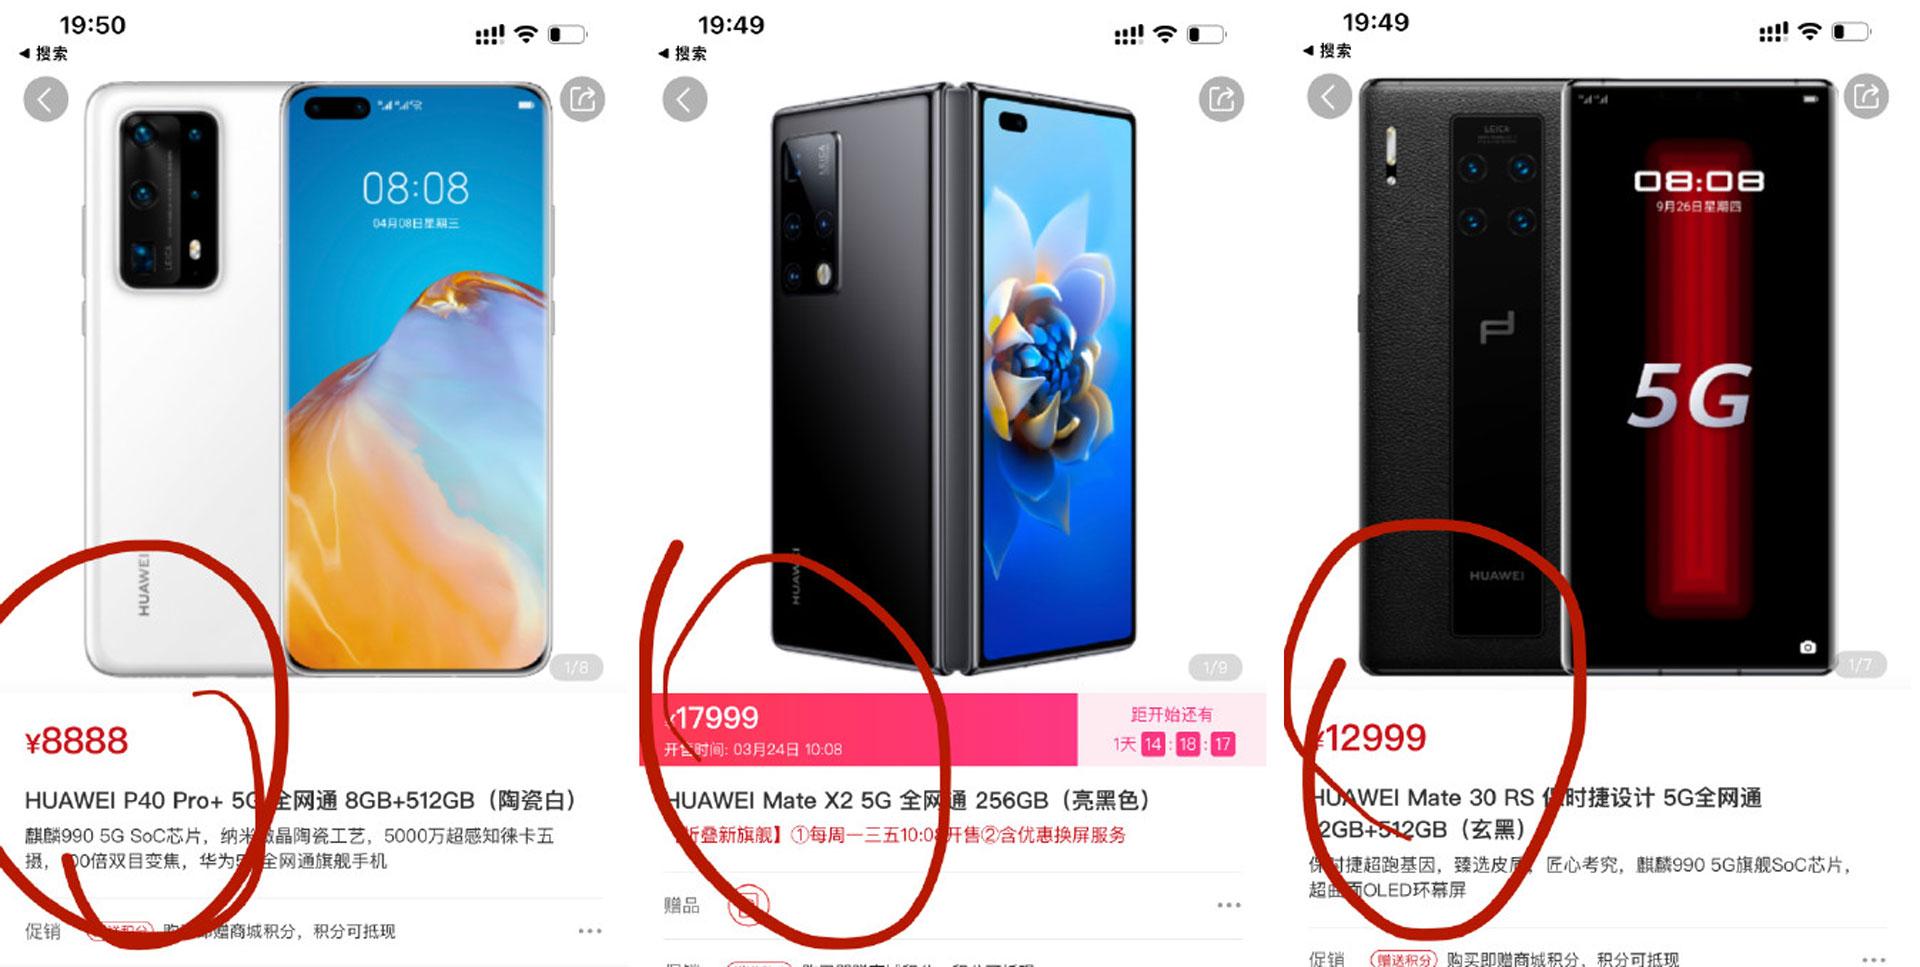 Người dùng Trung Quốc cho rằng những smartphone nội địa có giá trên 10 nghìn nhân dân tệ đều là quá đắt so với iPhone.